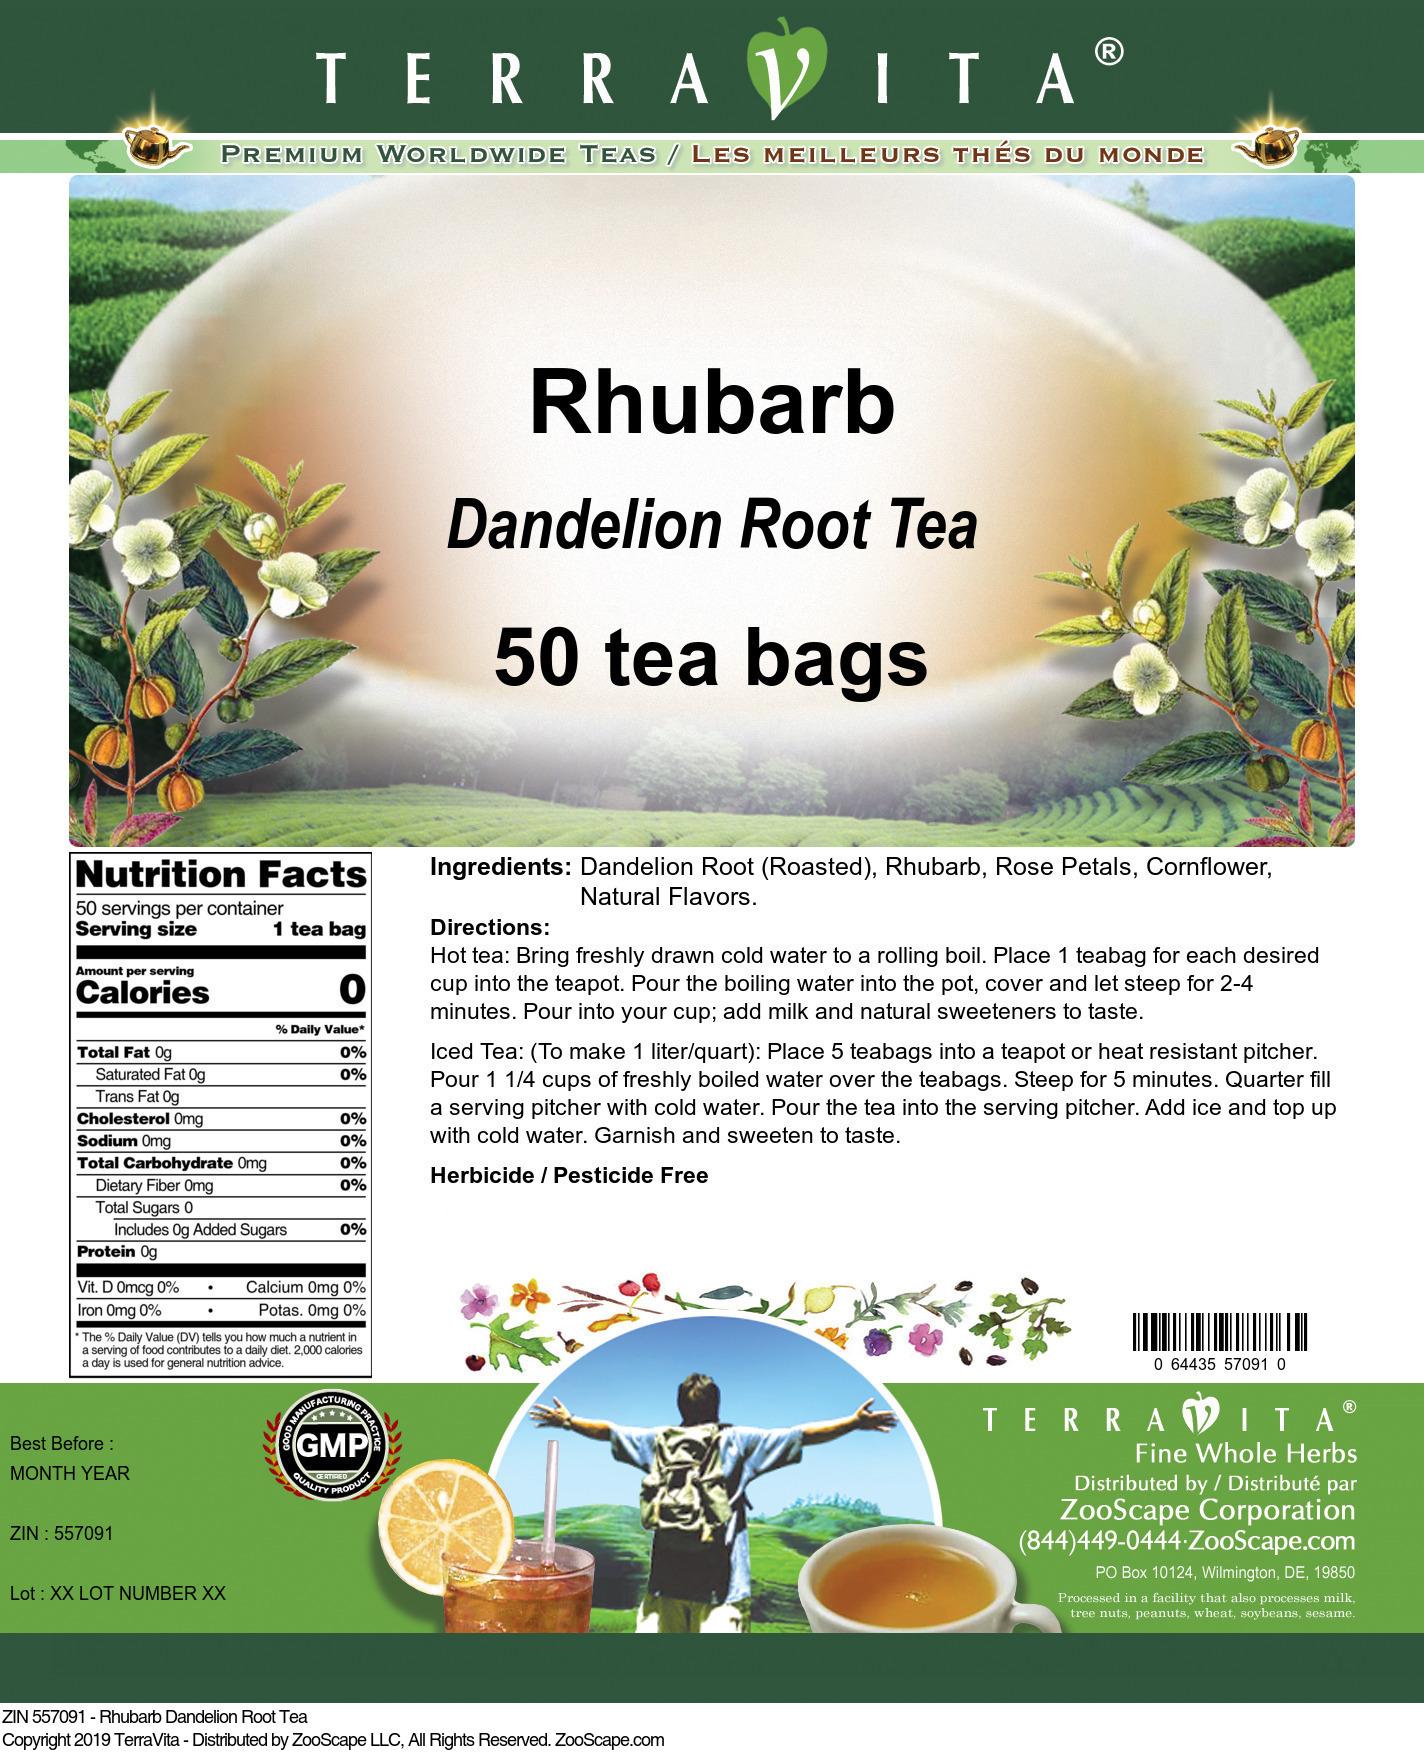 Rhubarb Dandelion Root